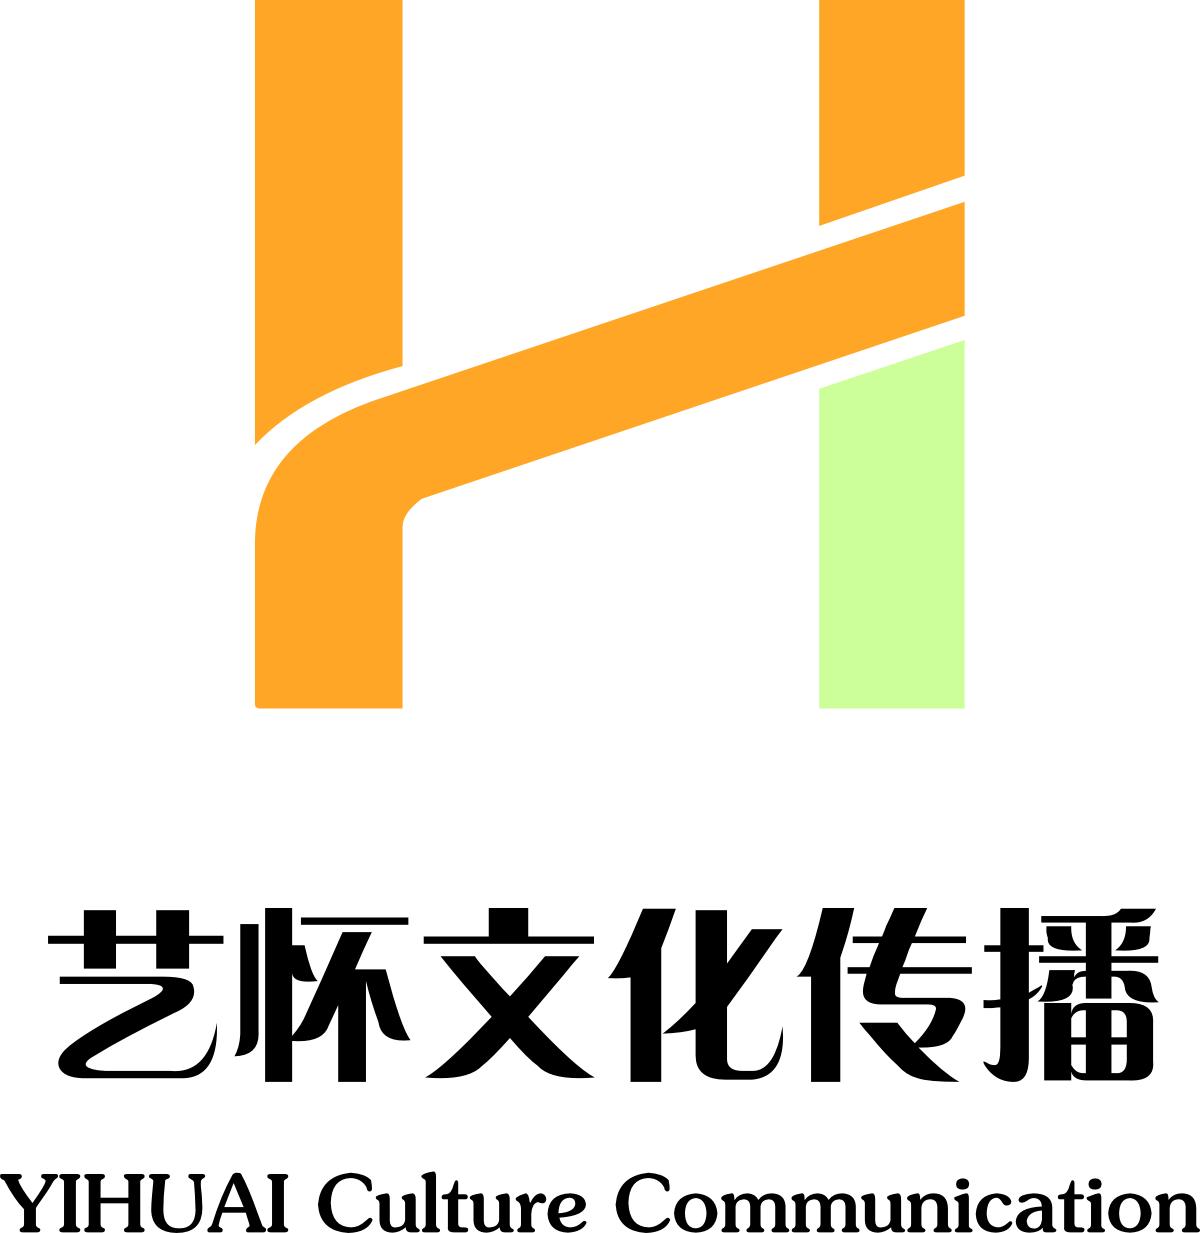 想找重庆企业年会策划?重庆企业年 想找重庆企业年会策划?重庆哪家好